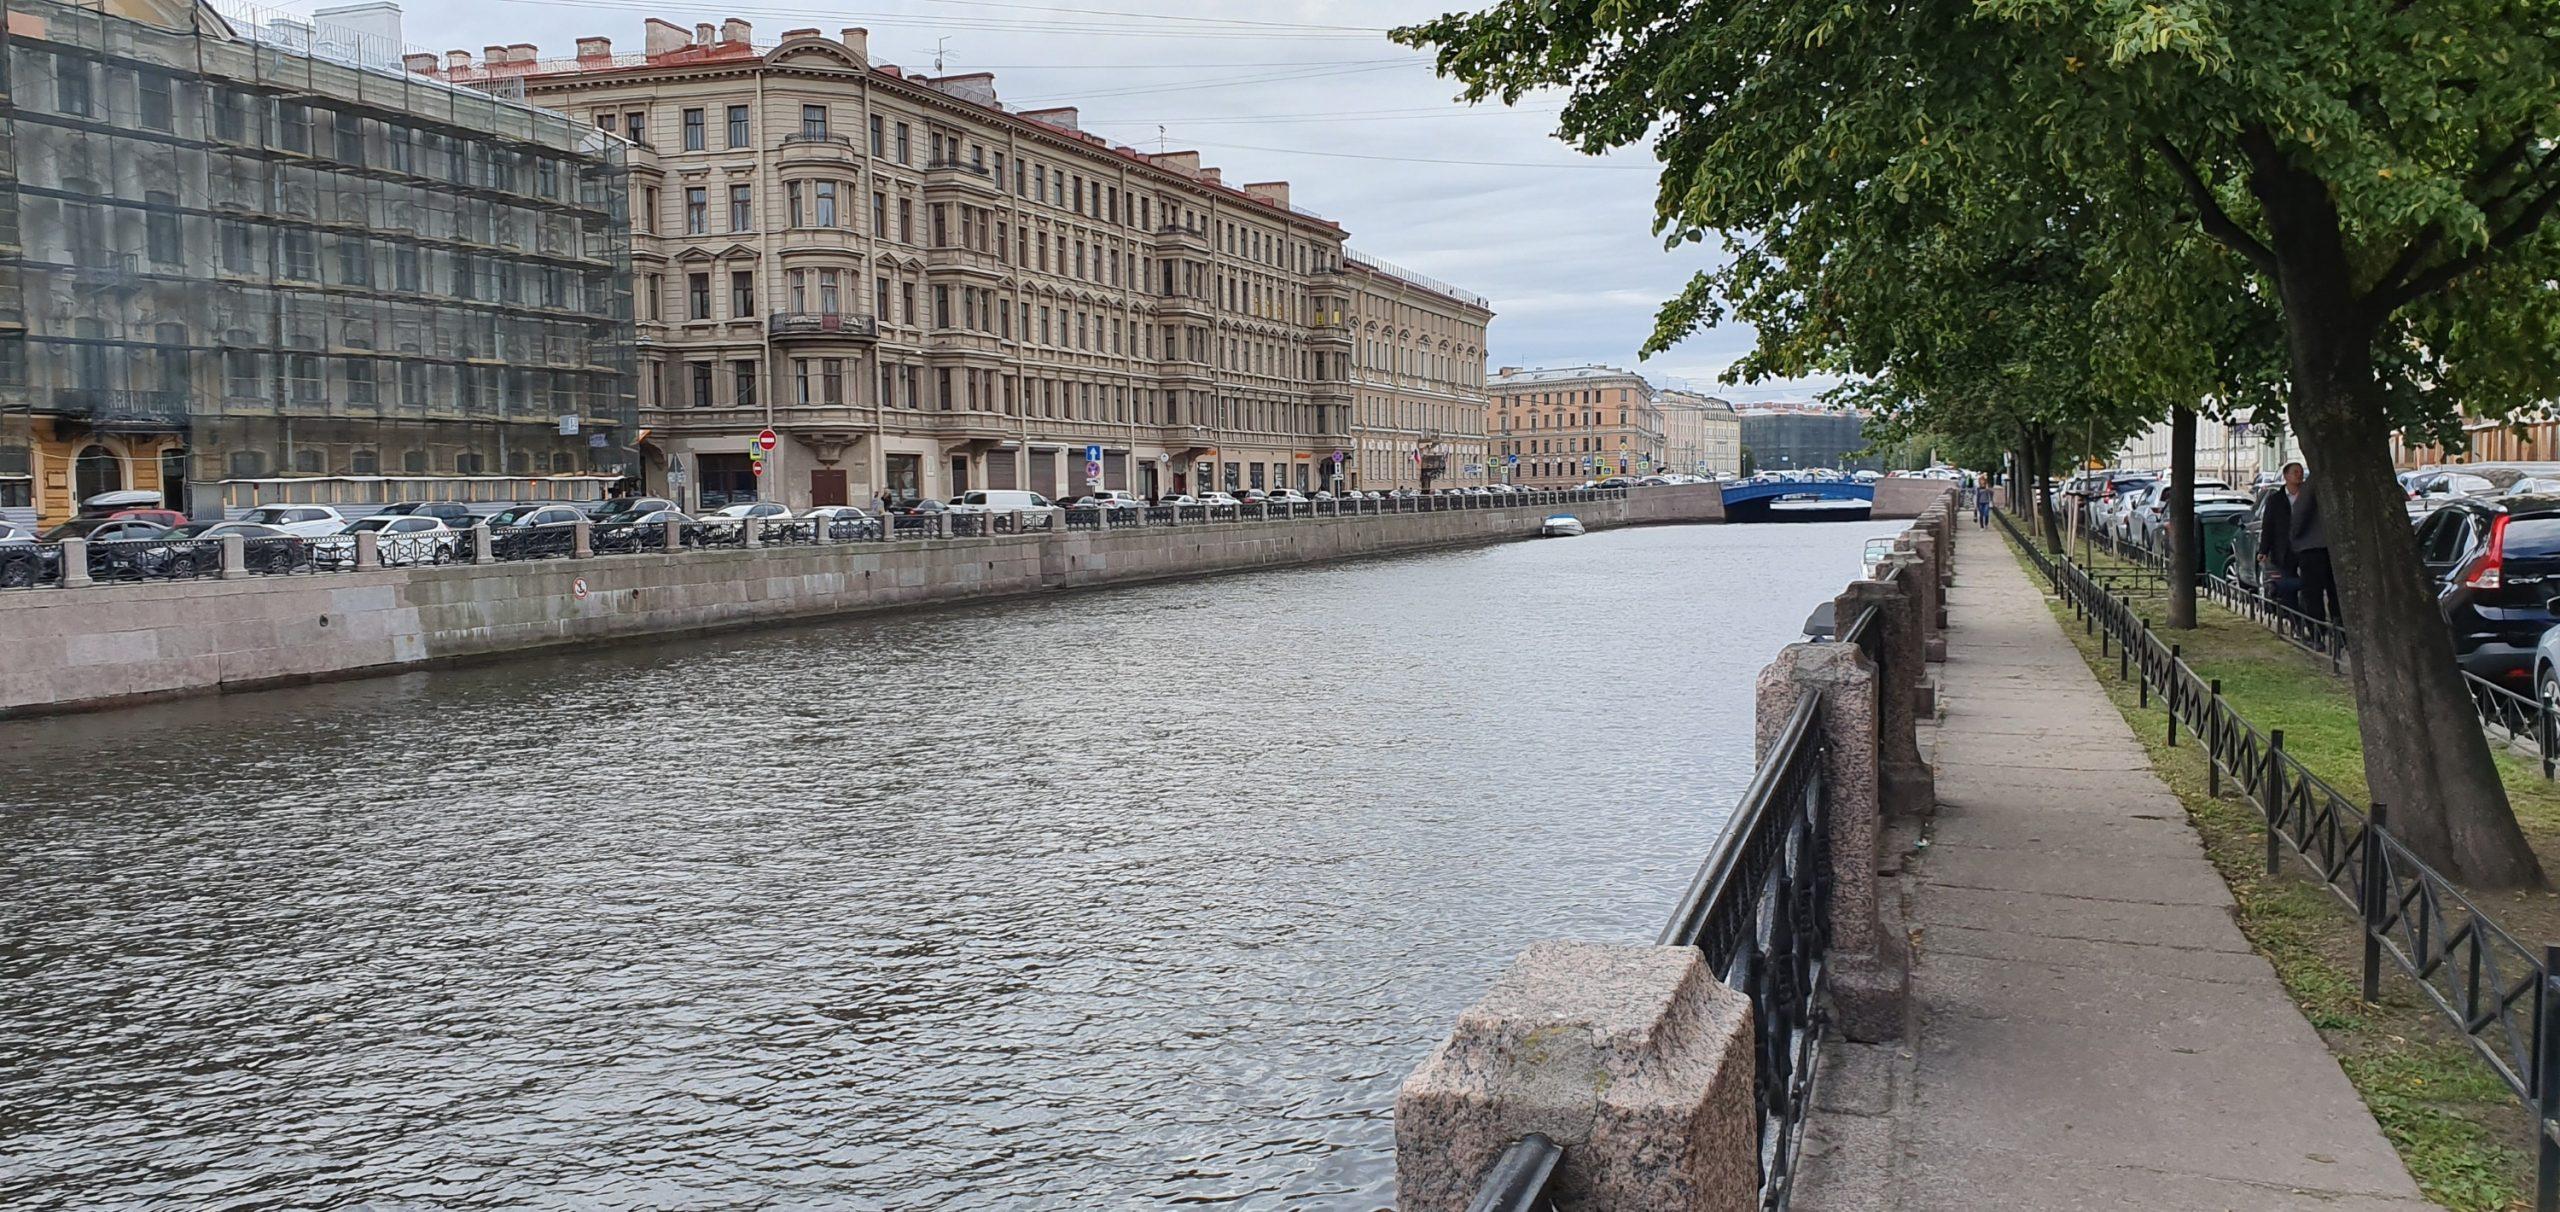 3 septembre : Saint- Pétersbourg - jour 1